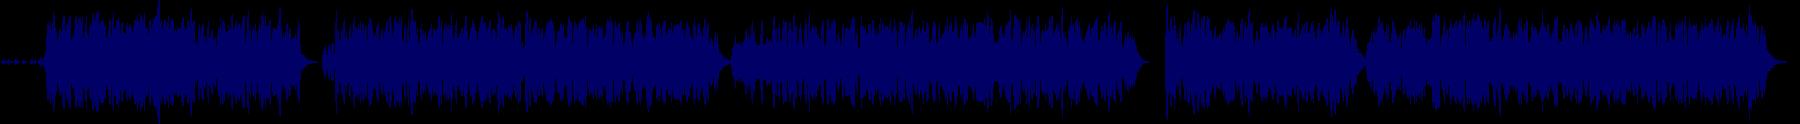 waveform of track #70493